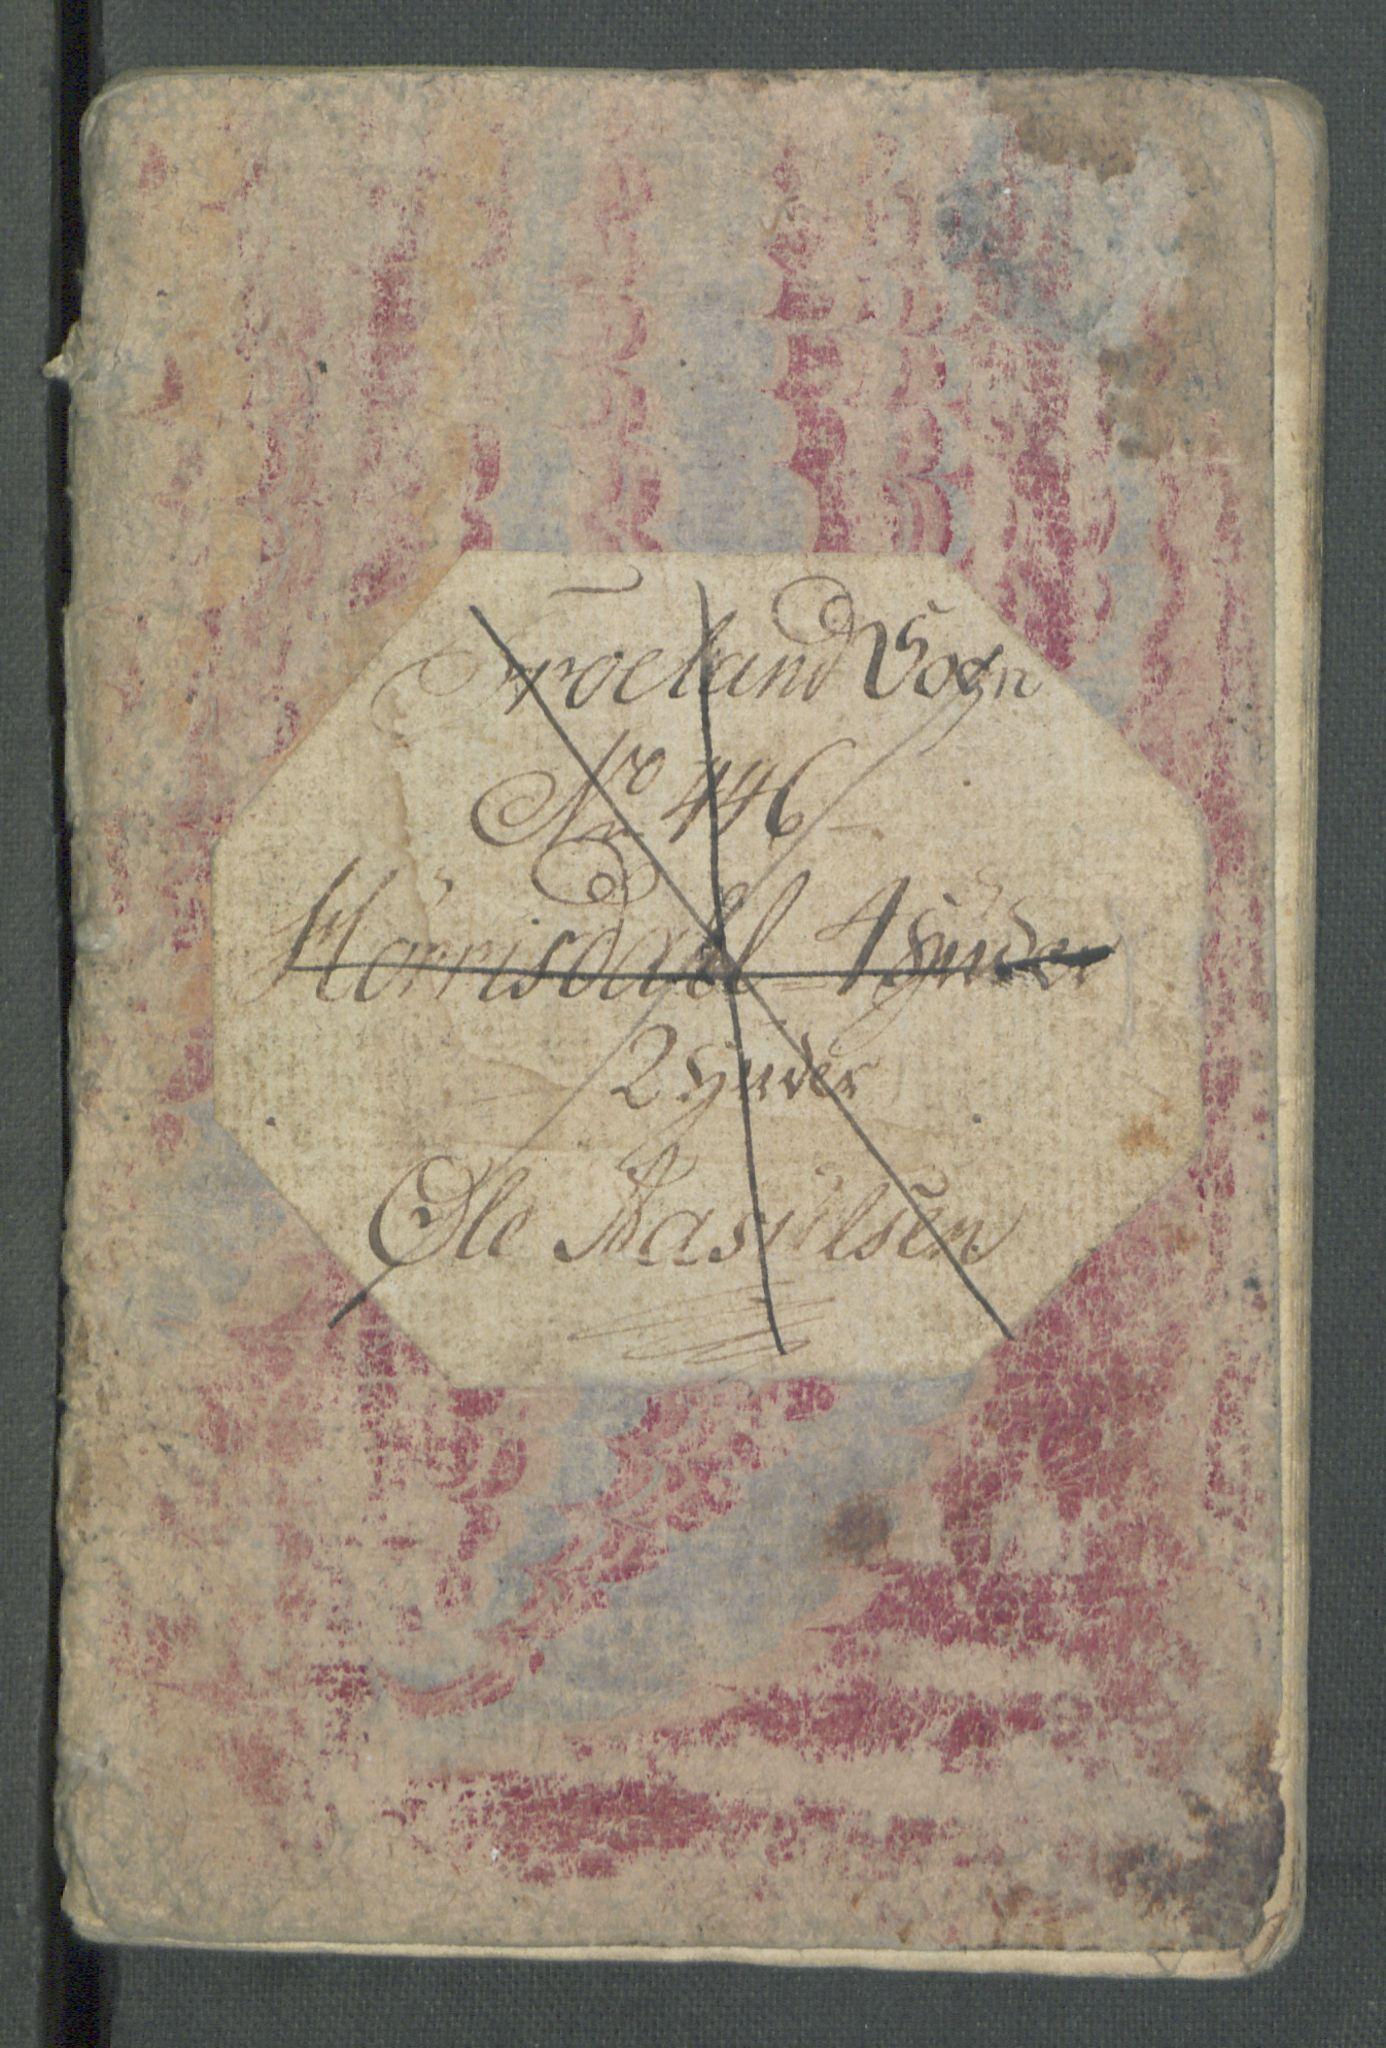 RA, Rentekammeret inntil 1814, Realistisk ordnet avdeling, Od/L0001: Oppløp, 1786-1769, s. 469